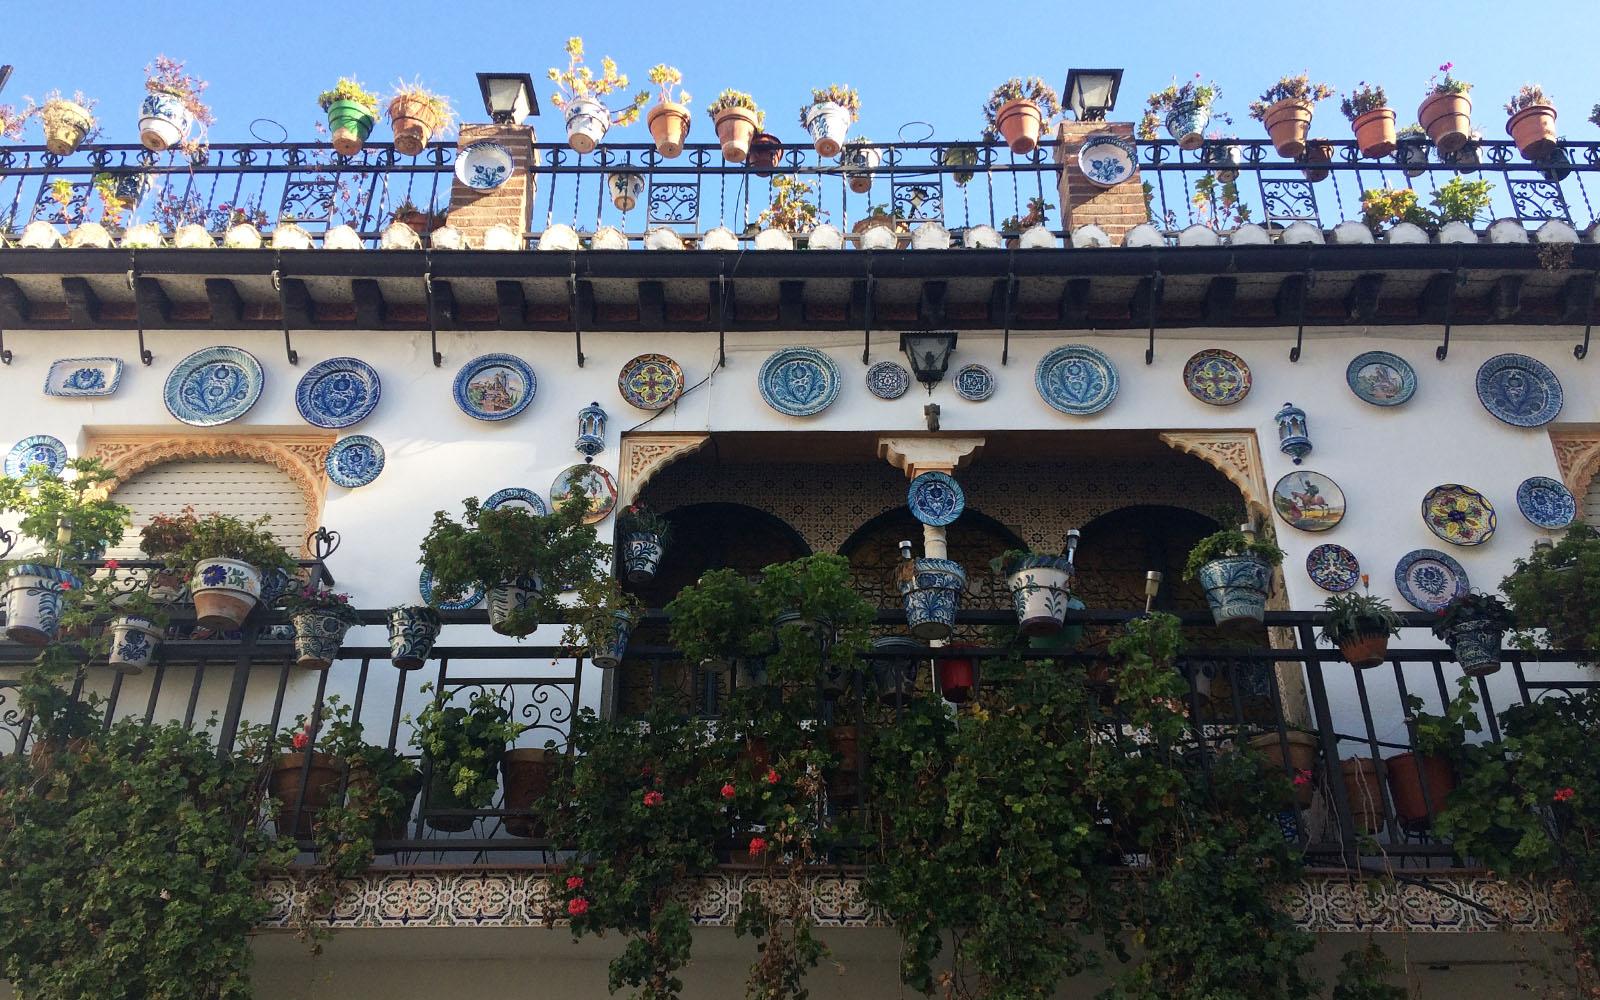 Una delle tipiche case e balconi del quartiere Albayzín, con piatti e vasi di ceramica colorati.